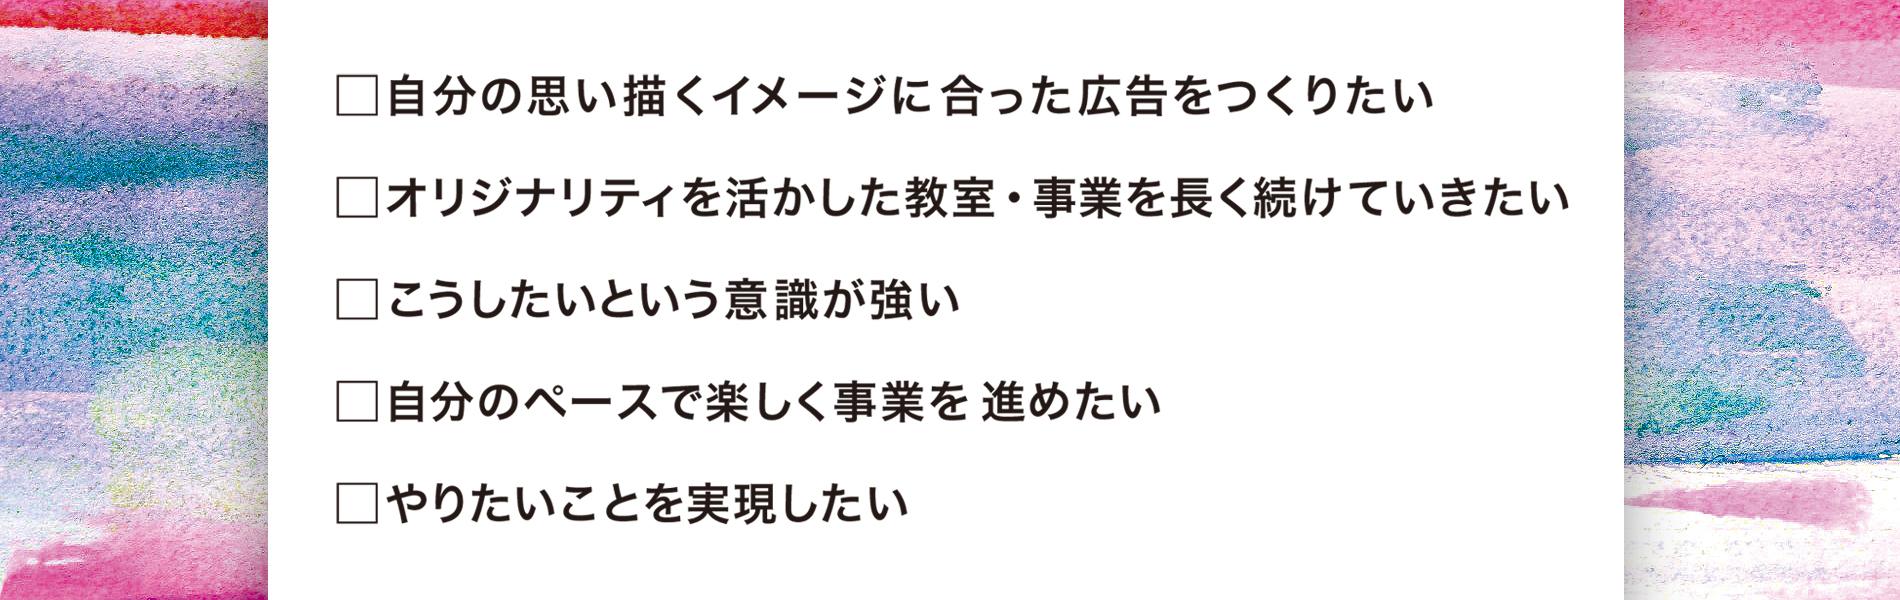 top_2